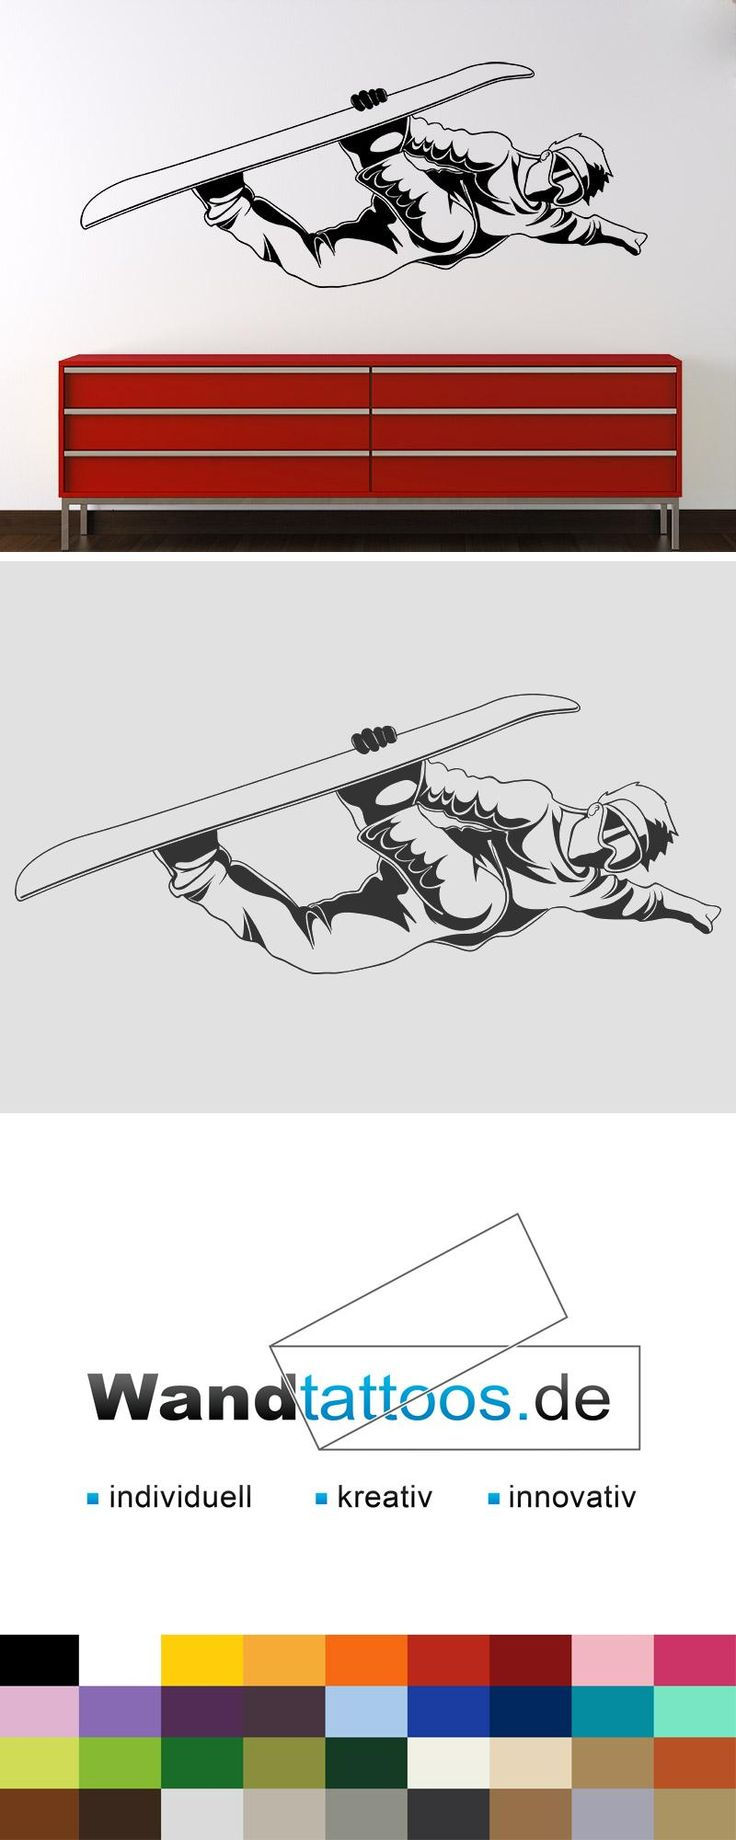 Wandtattoo Cooler Snowboarder als Idee zur individuellen Wandgestaltung. Einfach Lieblingsfarbe und Größe auswählen. Weitere kreative Anregungen von Wandtattoos.de hier entdecken!